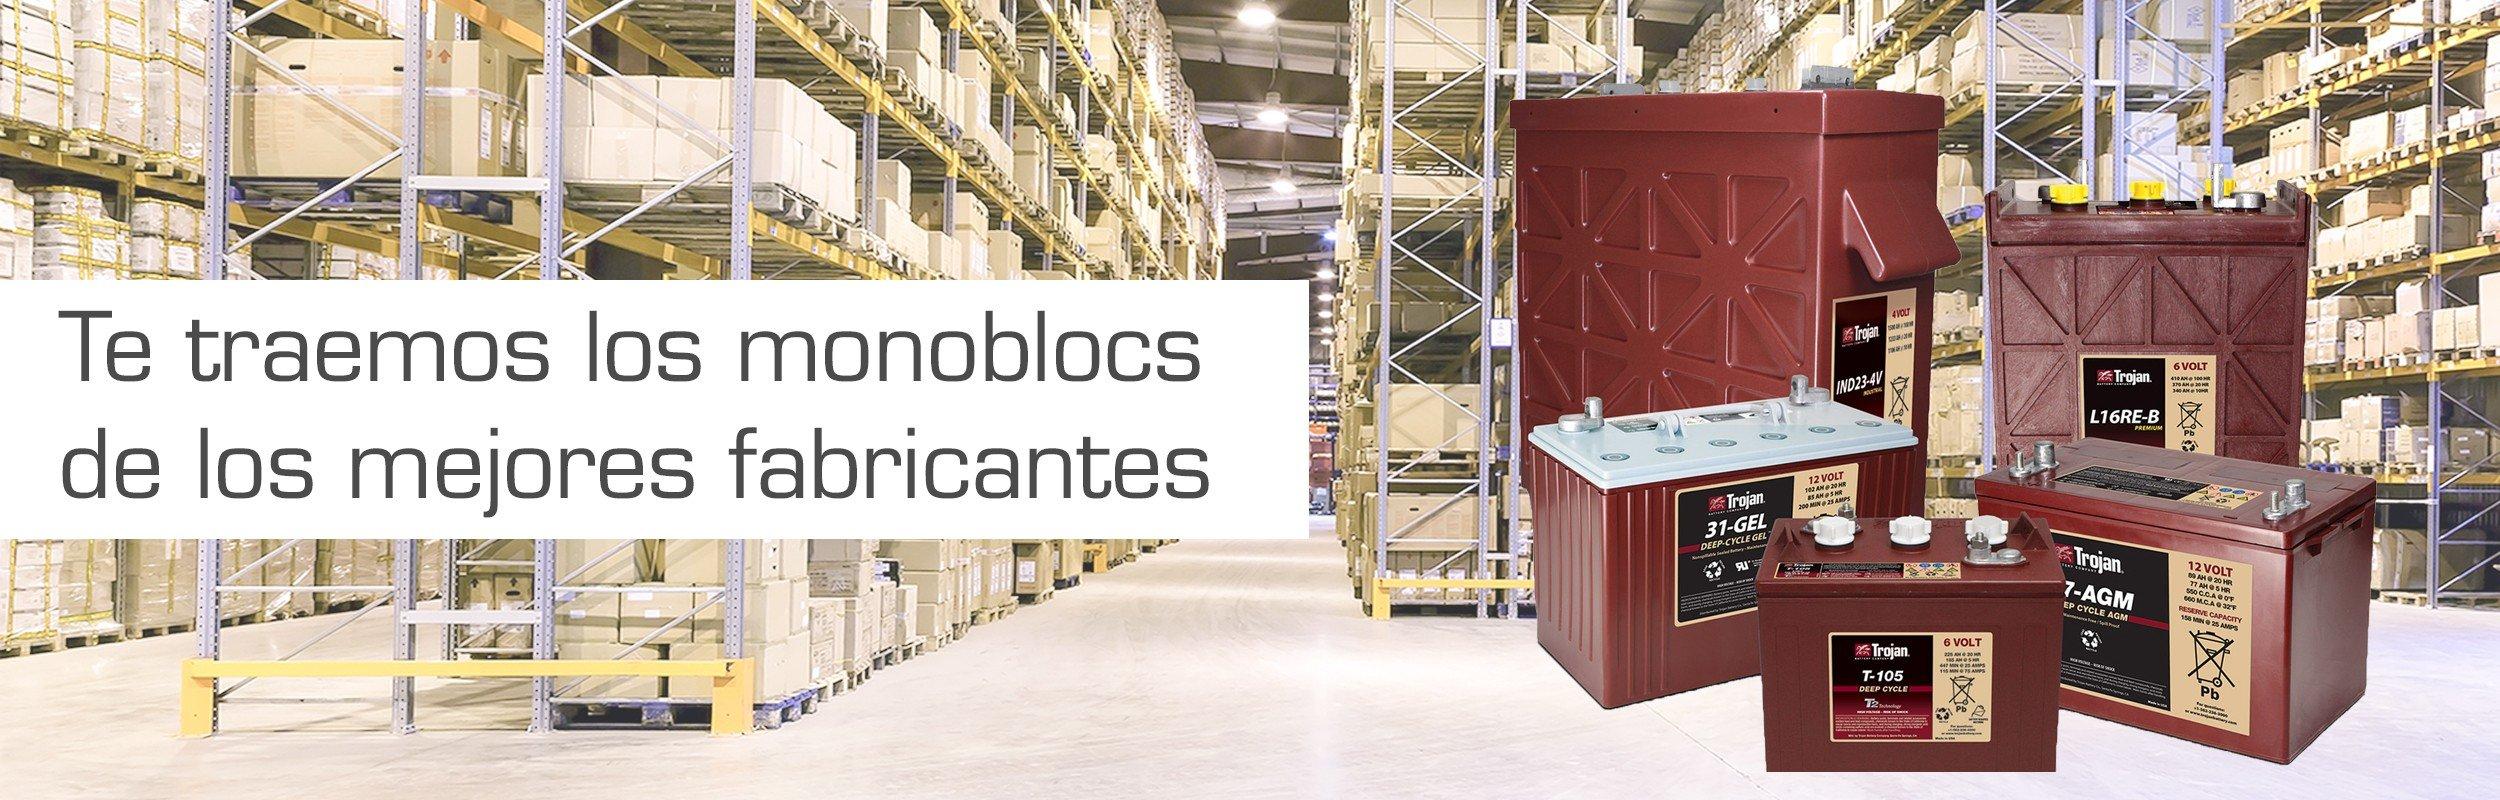 Monoblocs de tracción :: Baterías tracción, baterías carretillas, baterías transpaletas